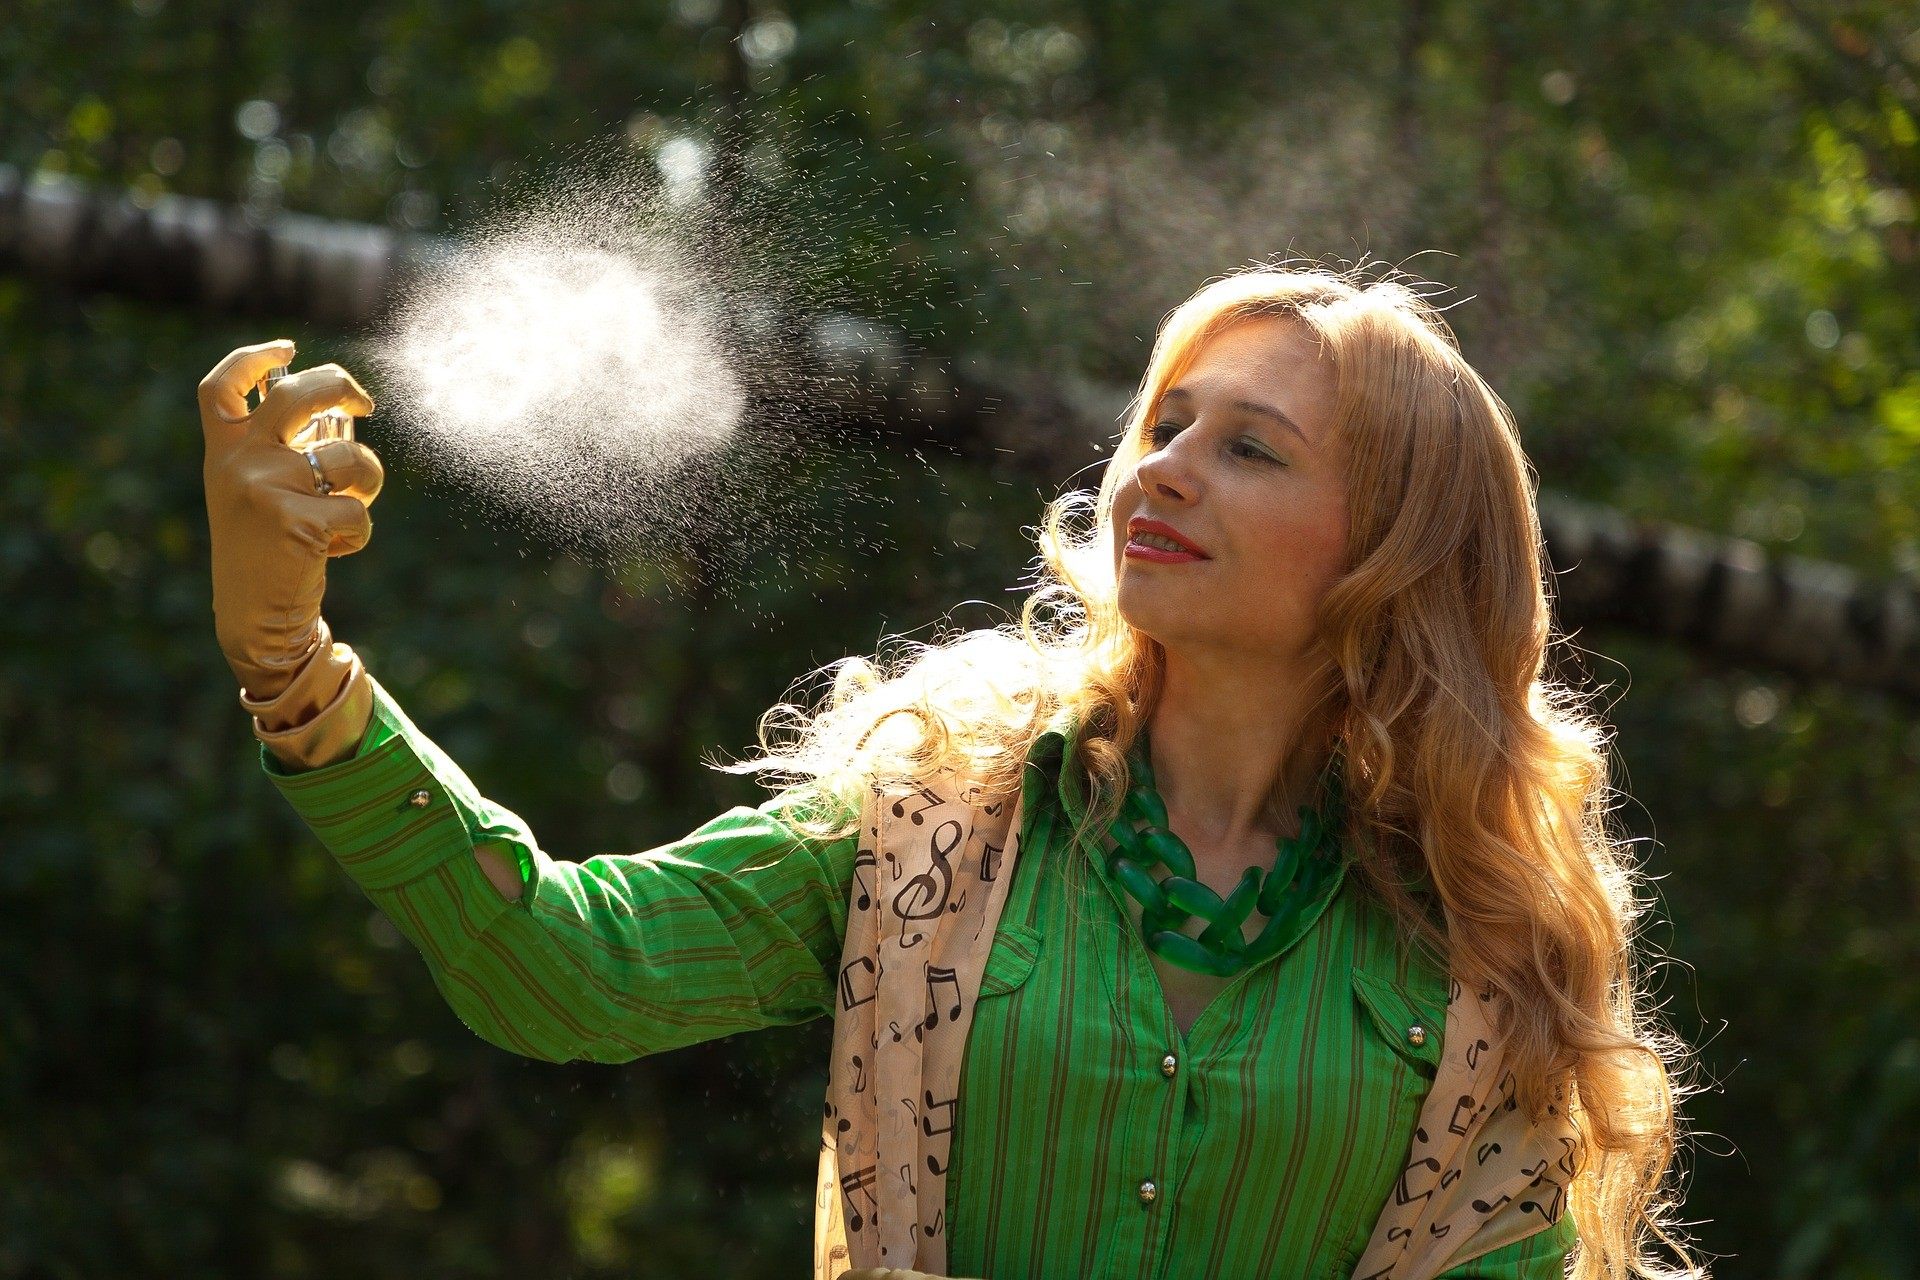 ▲女人,噴霧,防曬,。(圖/取自免費圖庫Pixabay)